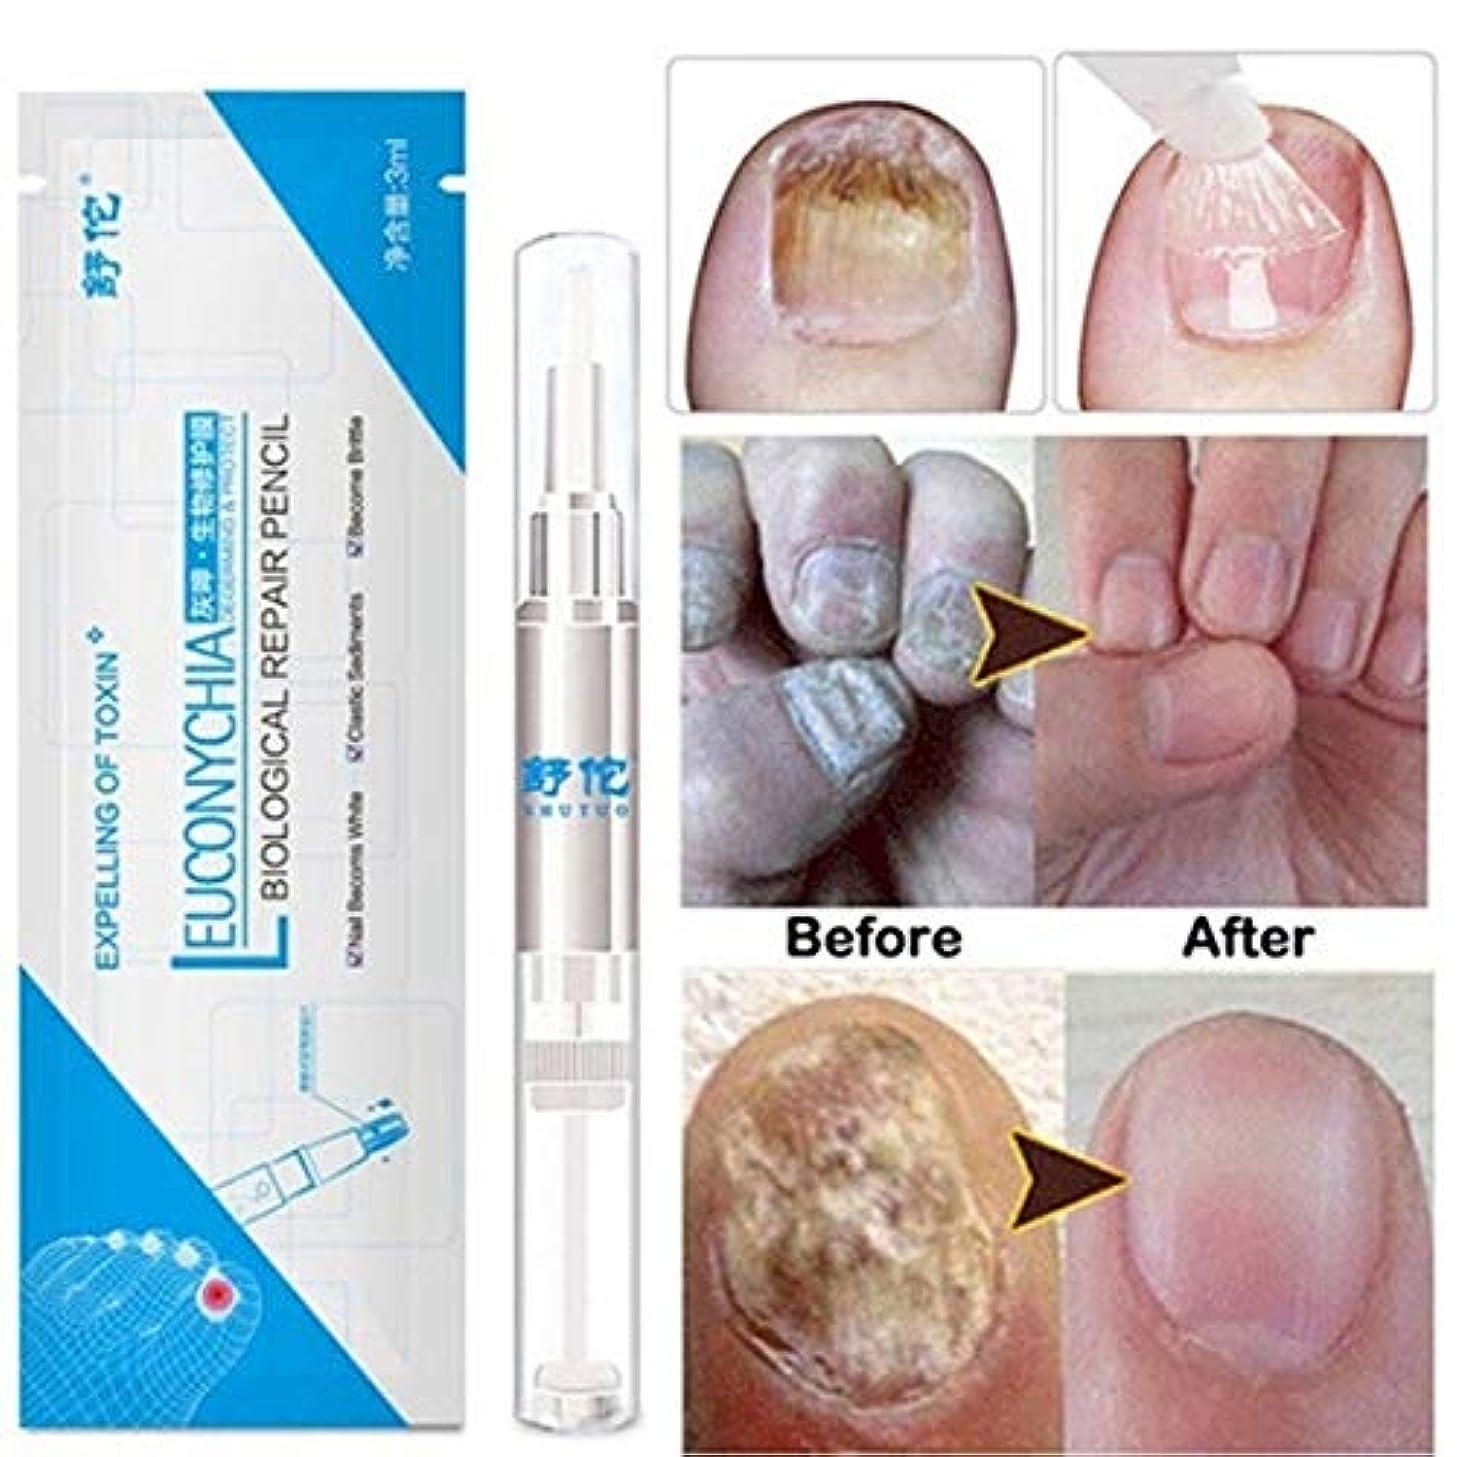 パイ更新するホストzhongxinze 足の爪の真菌治療真菌の止め釘の真菌、抗真菌の足指の爪および指の解決に対して有効な最高の強度の抗真菌の爪の解決 3ml